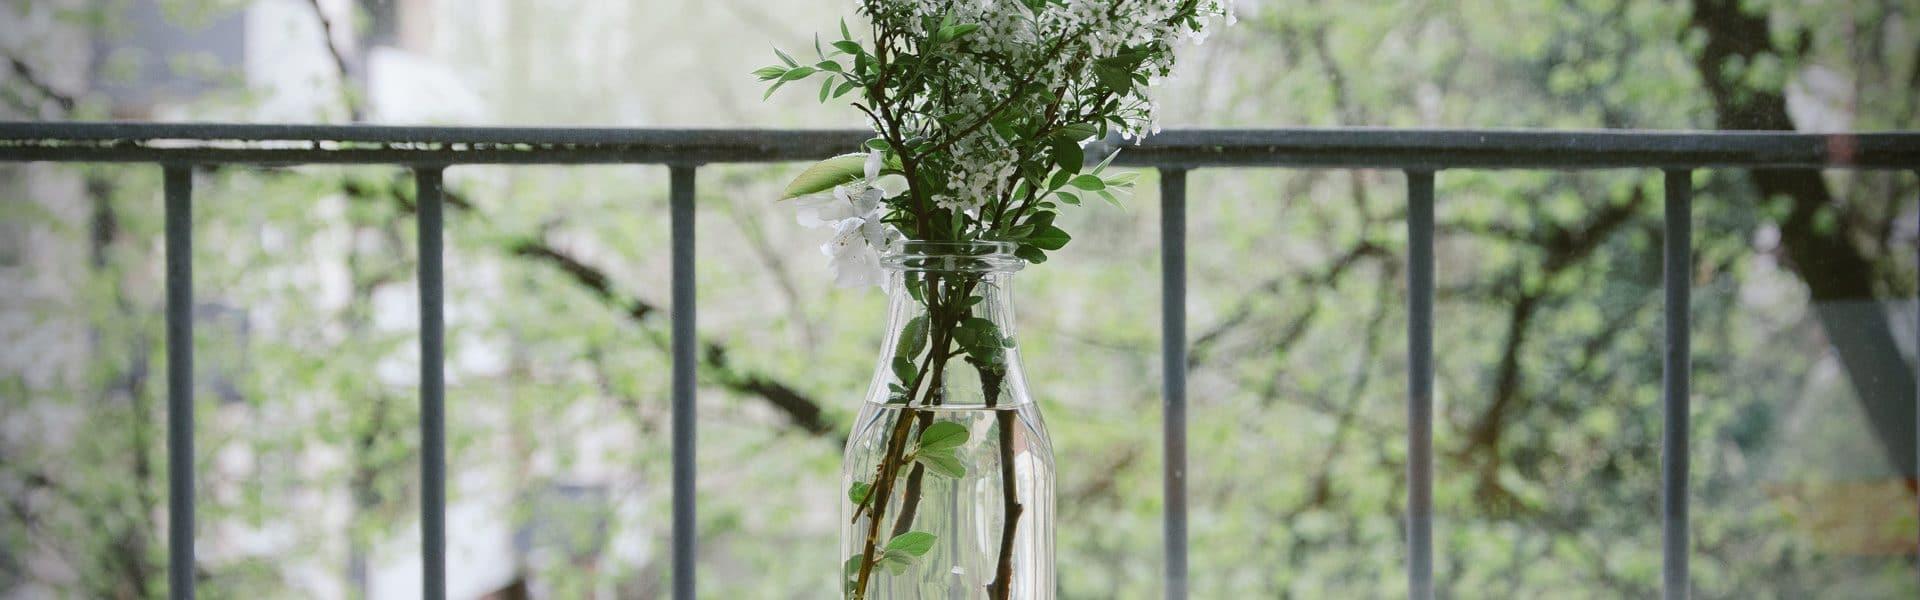 7-vasos-decorativos-que-vao-te-encantar